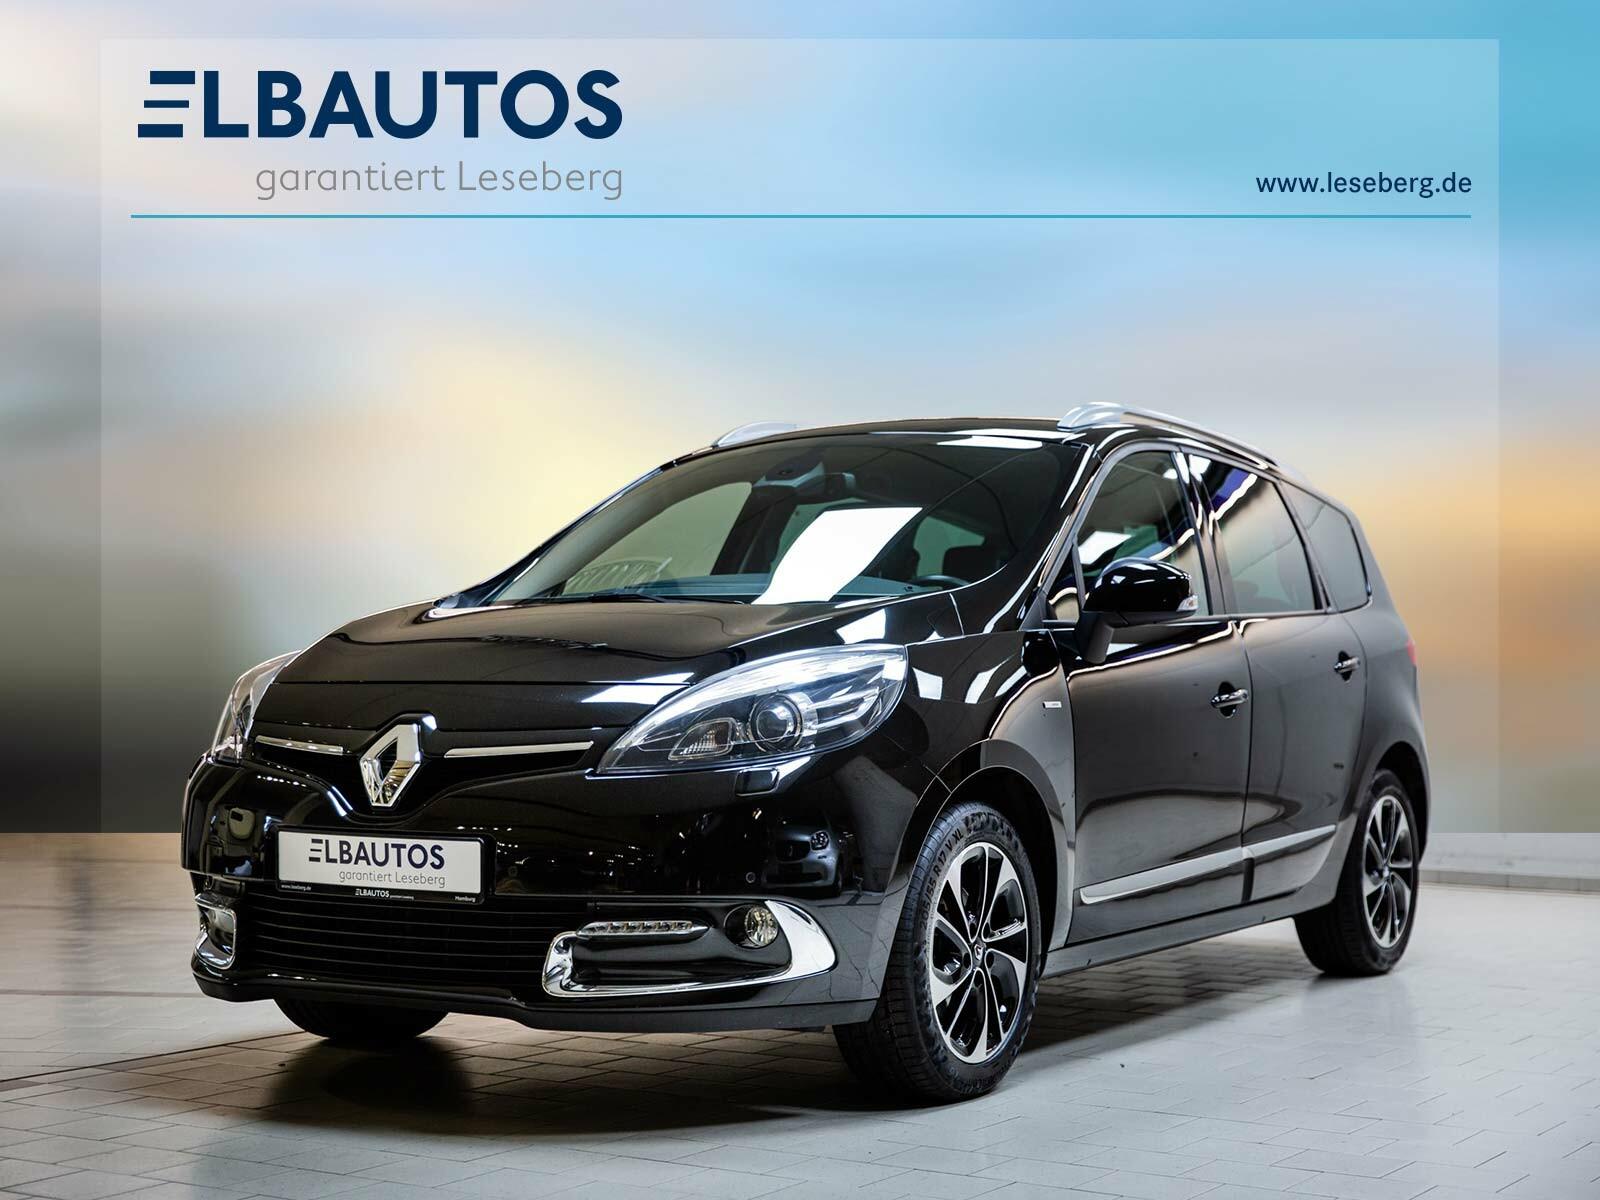 Renault Grand Scenic 1.2 TCe BOSE Edition/Bi-Xenon/Navi, Jahr 2015, Benzin